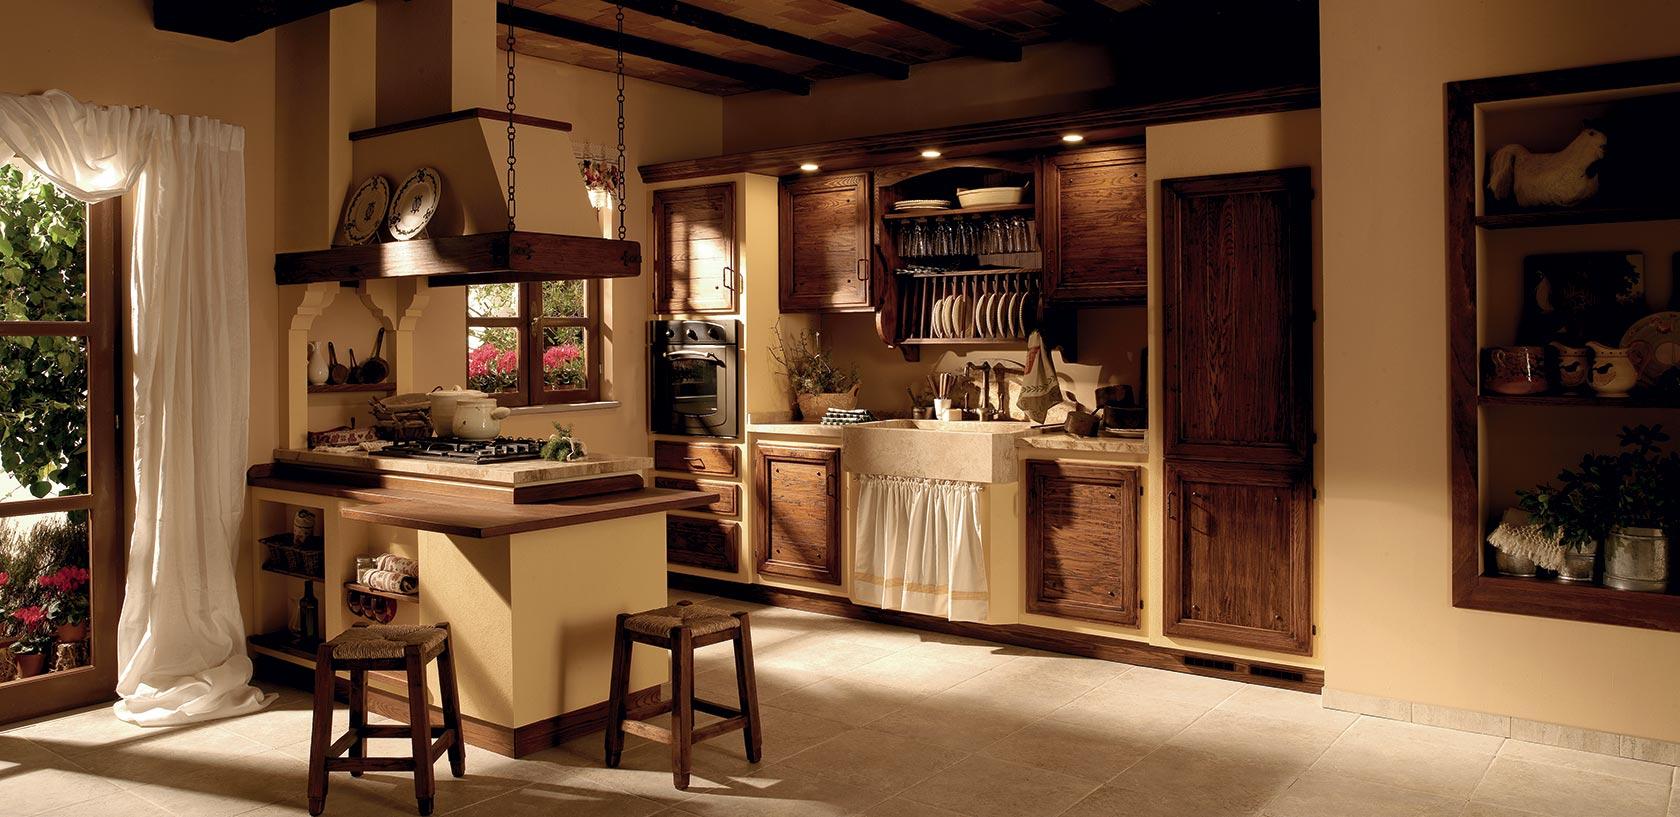 Zappalorto cucine tradizionali toscane for Cucine immagini